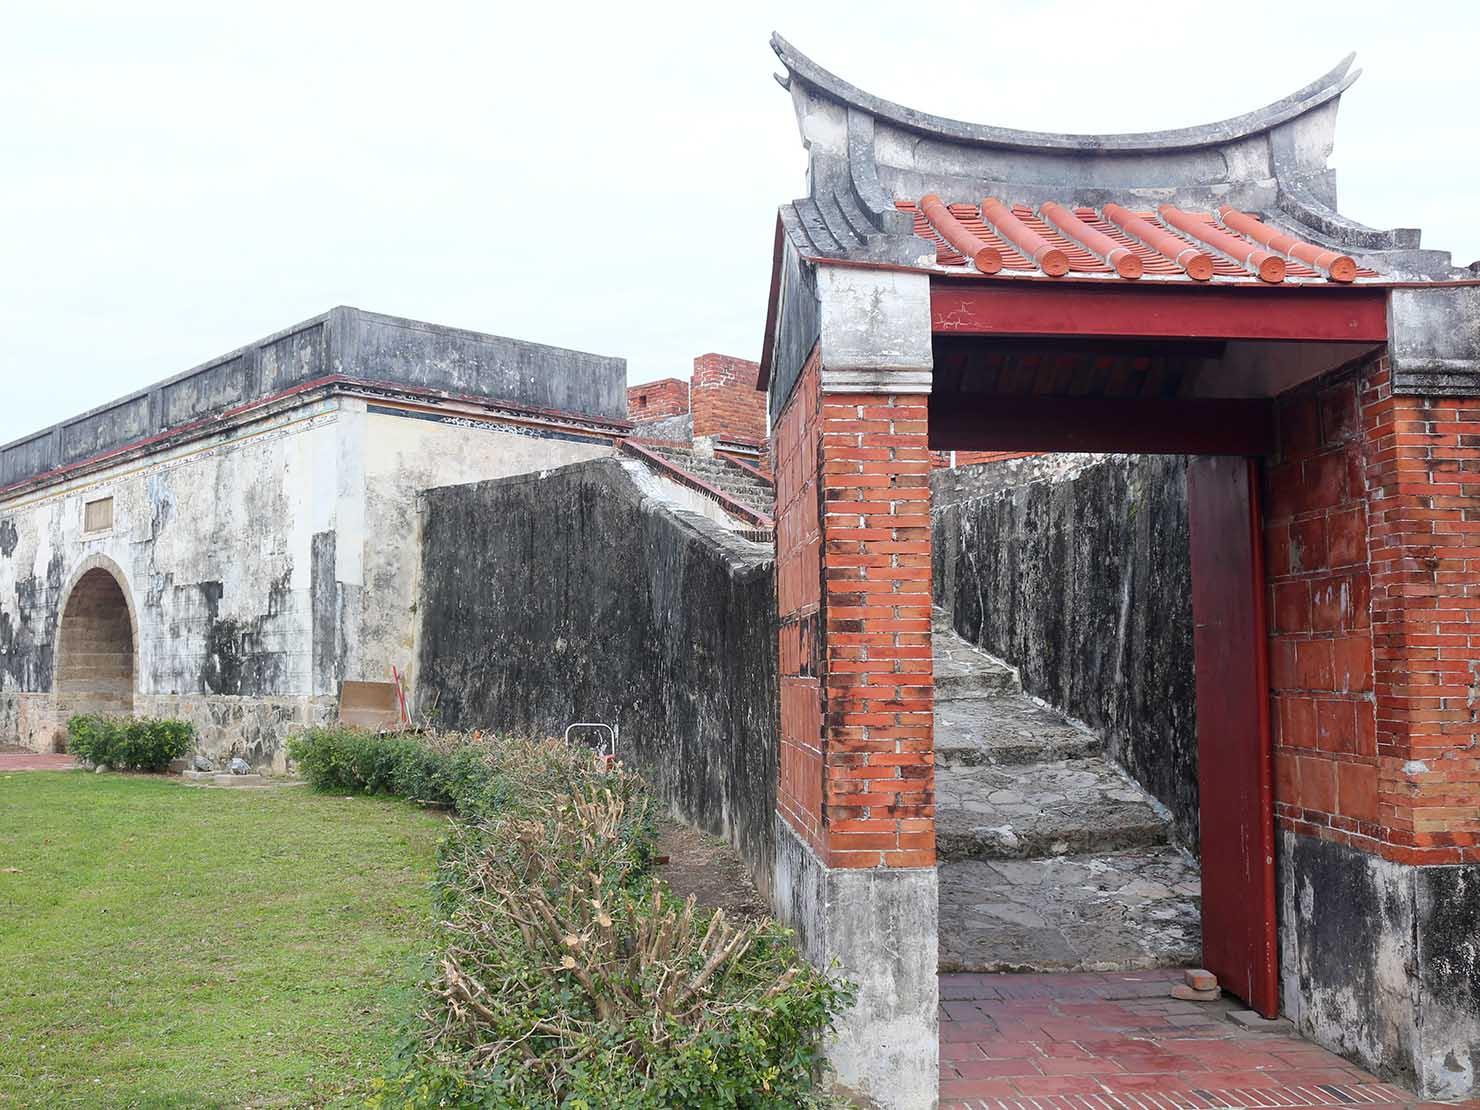 高雄のおすすめ観光スポット「左營」鳳山縣舊城